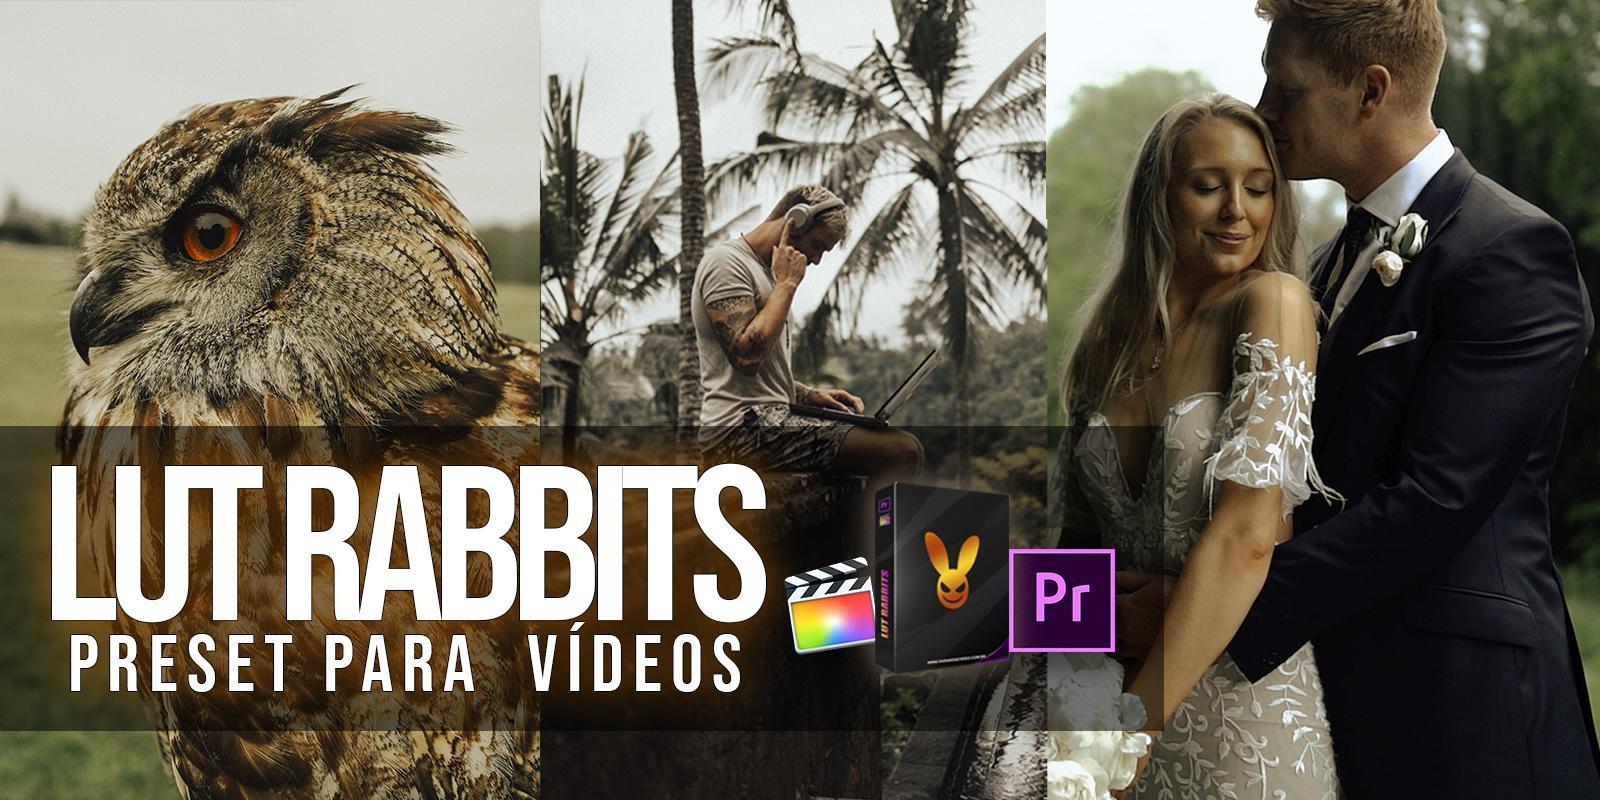 LUT RABBITS - VIDEO PRESET